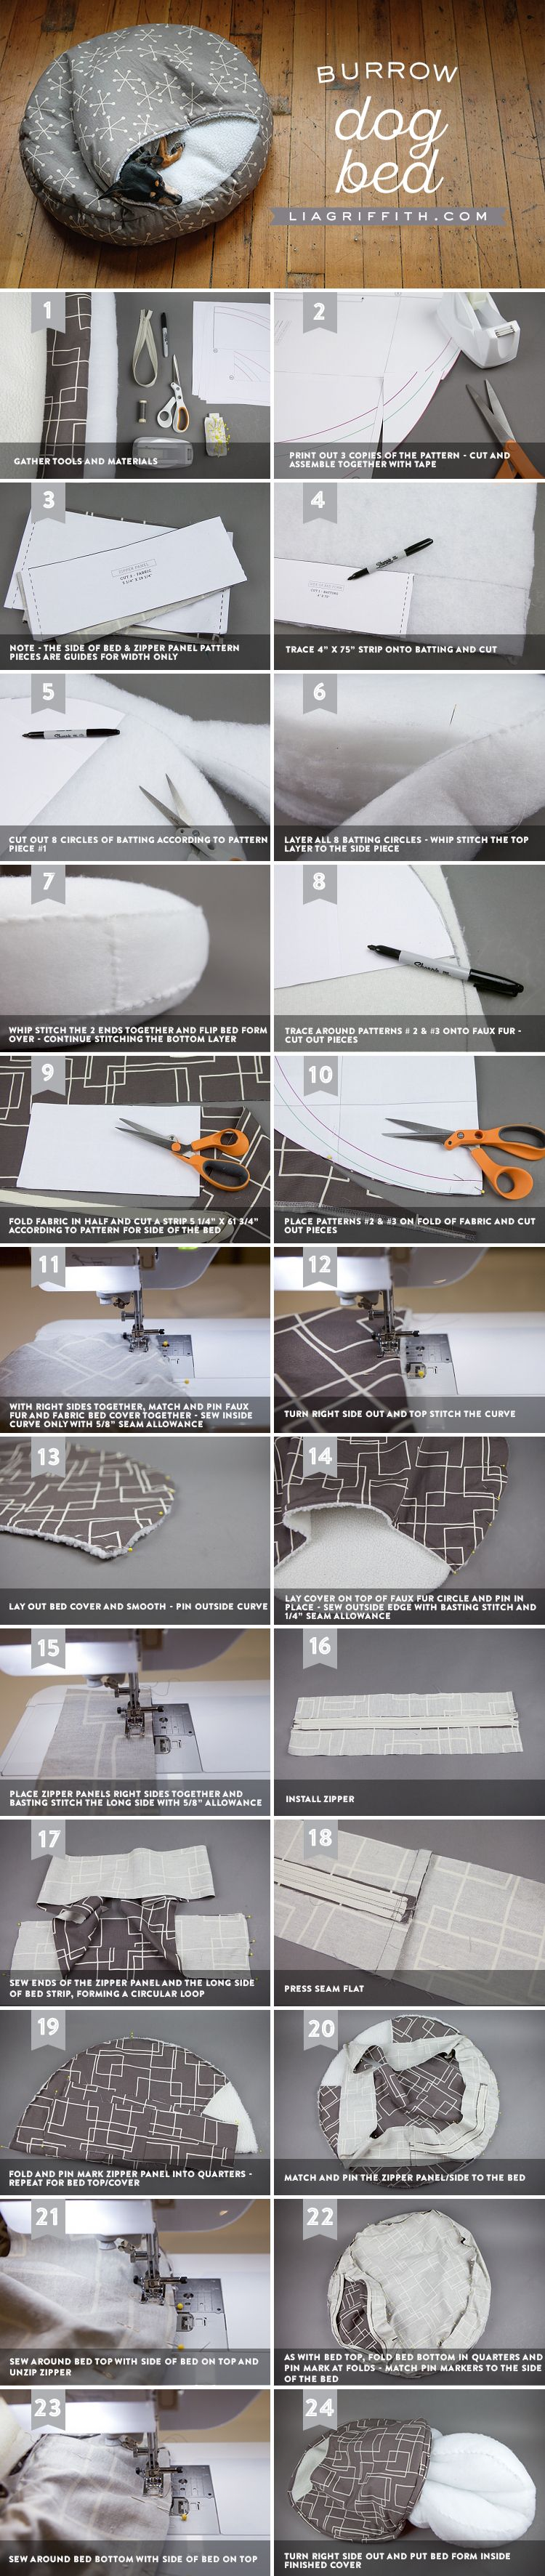 How To Make A Diy Burrow Dog Bed Homemade Pet Beds Dog Bed Diy Dog Stuff